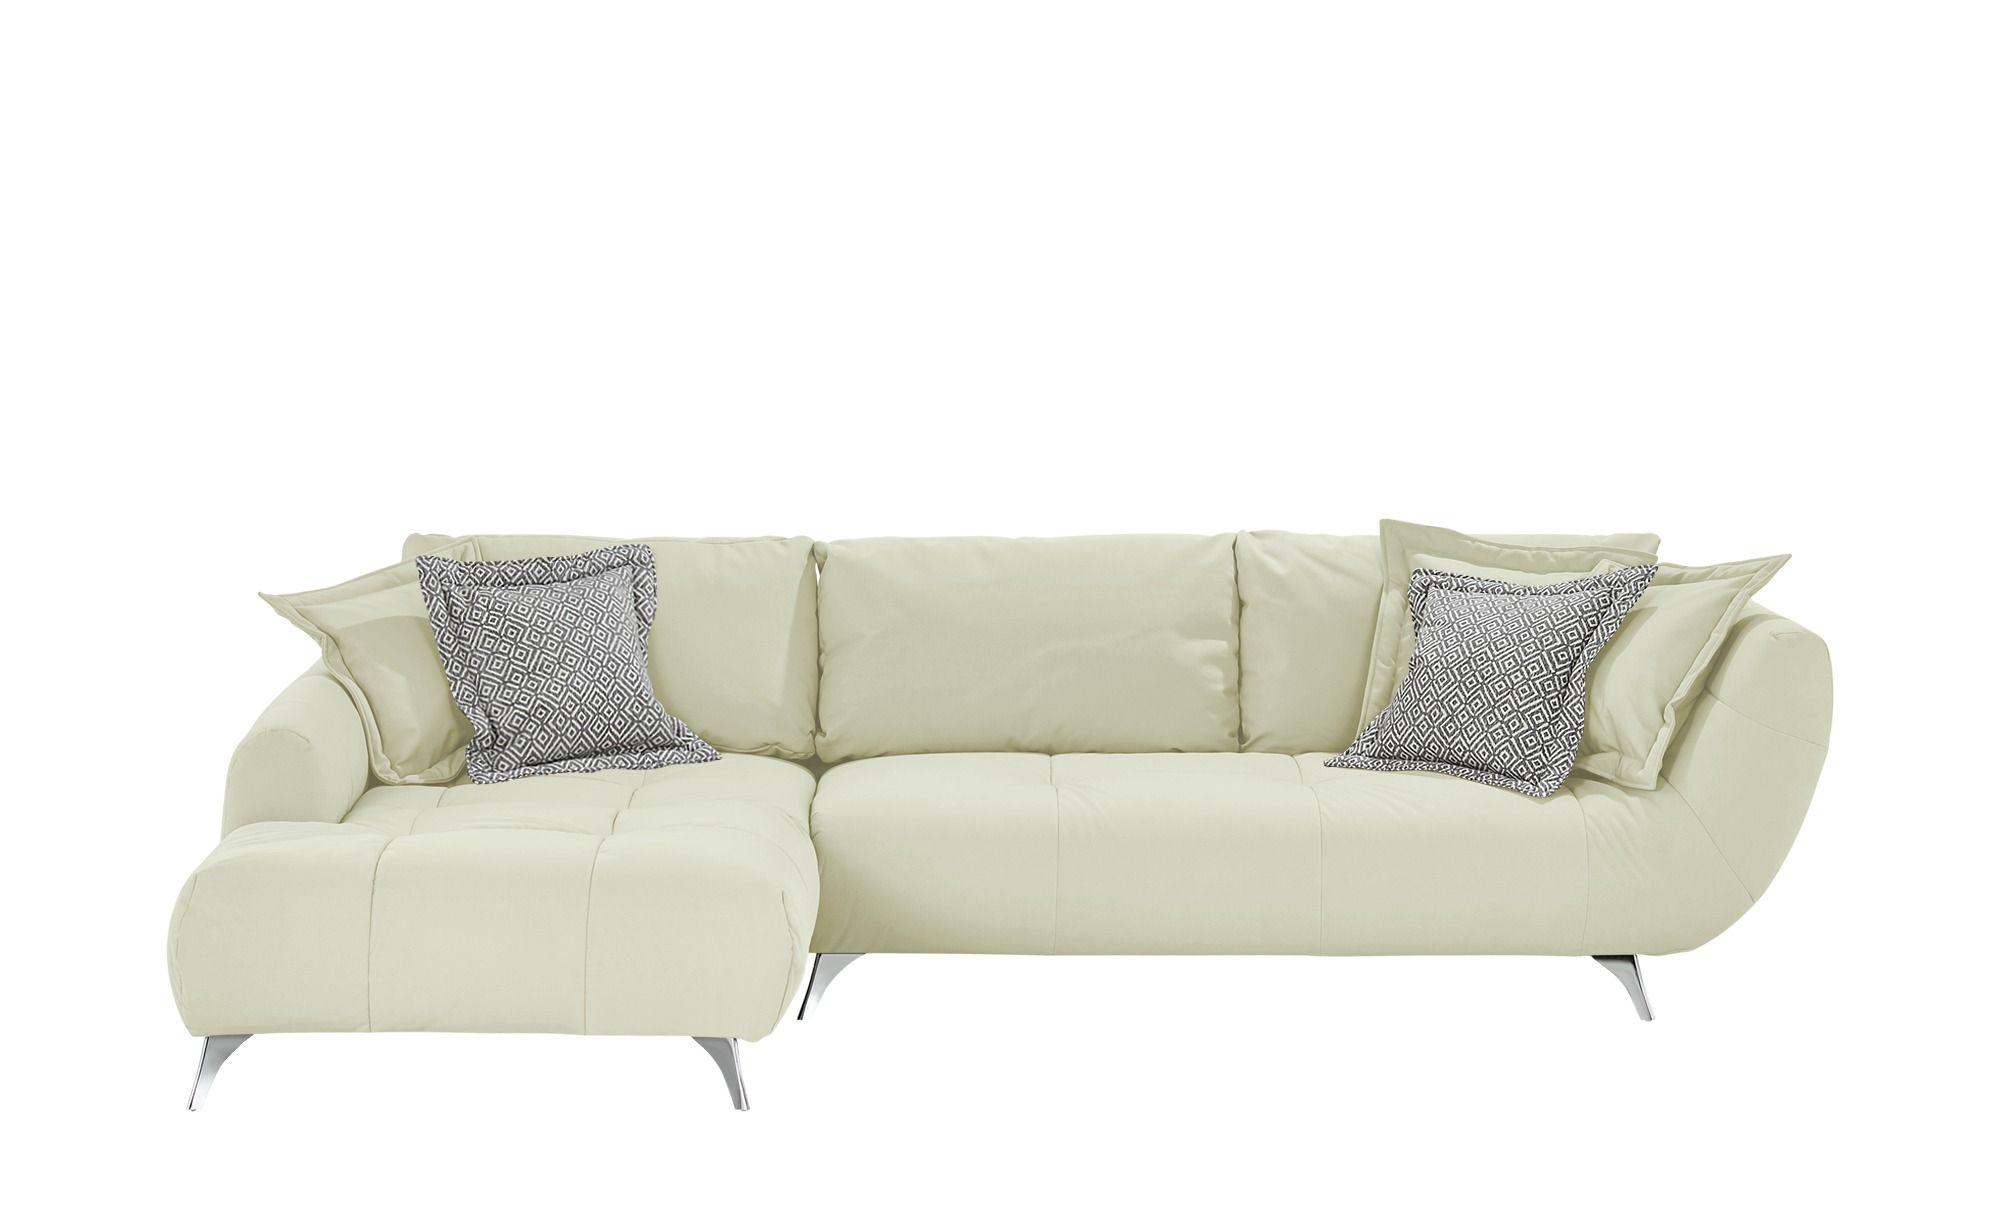 Bobb Ecksofa Bellani Gunstige Sofas Sofa Ecksofas